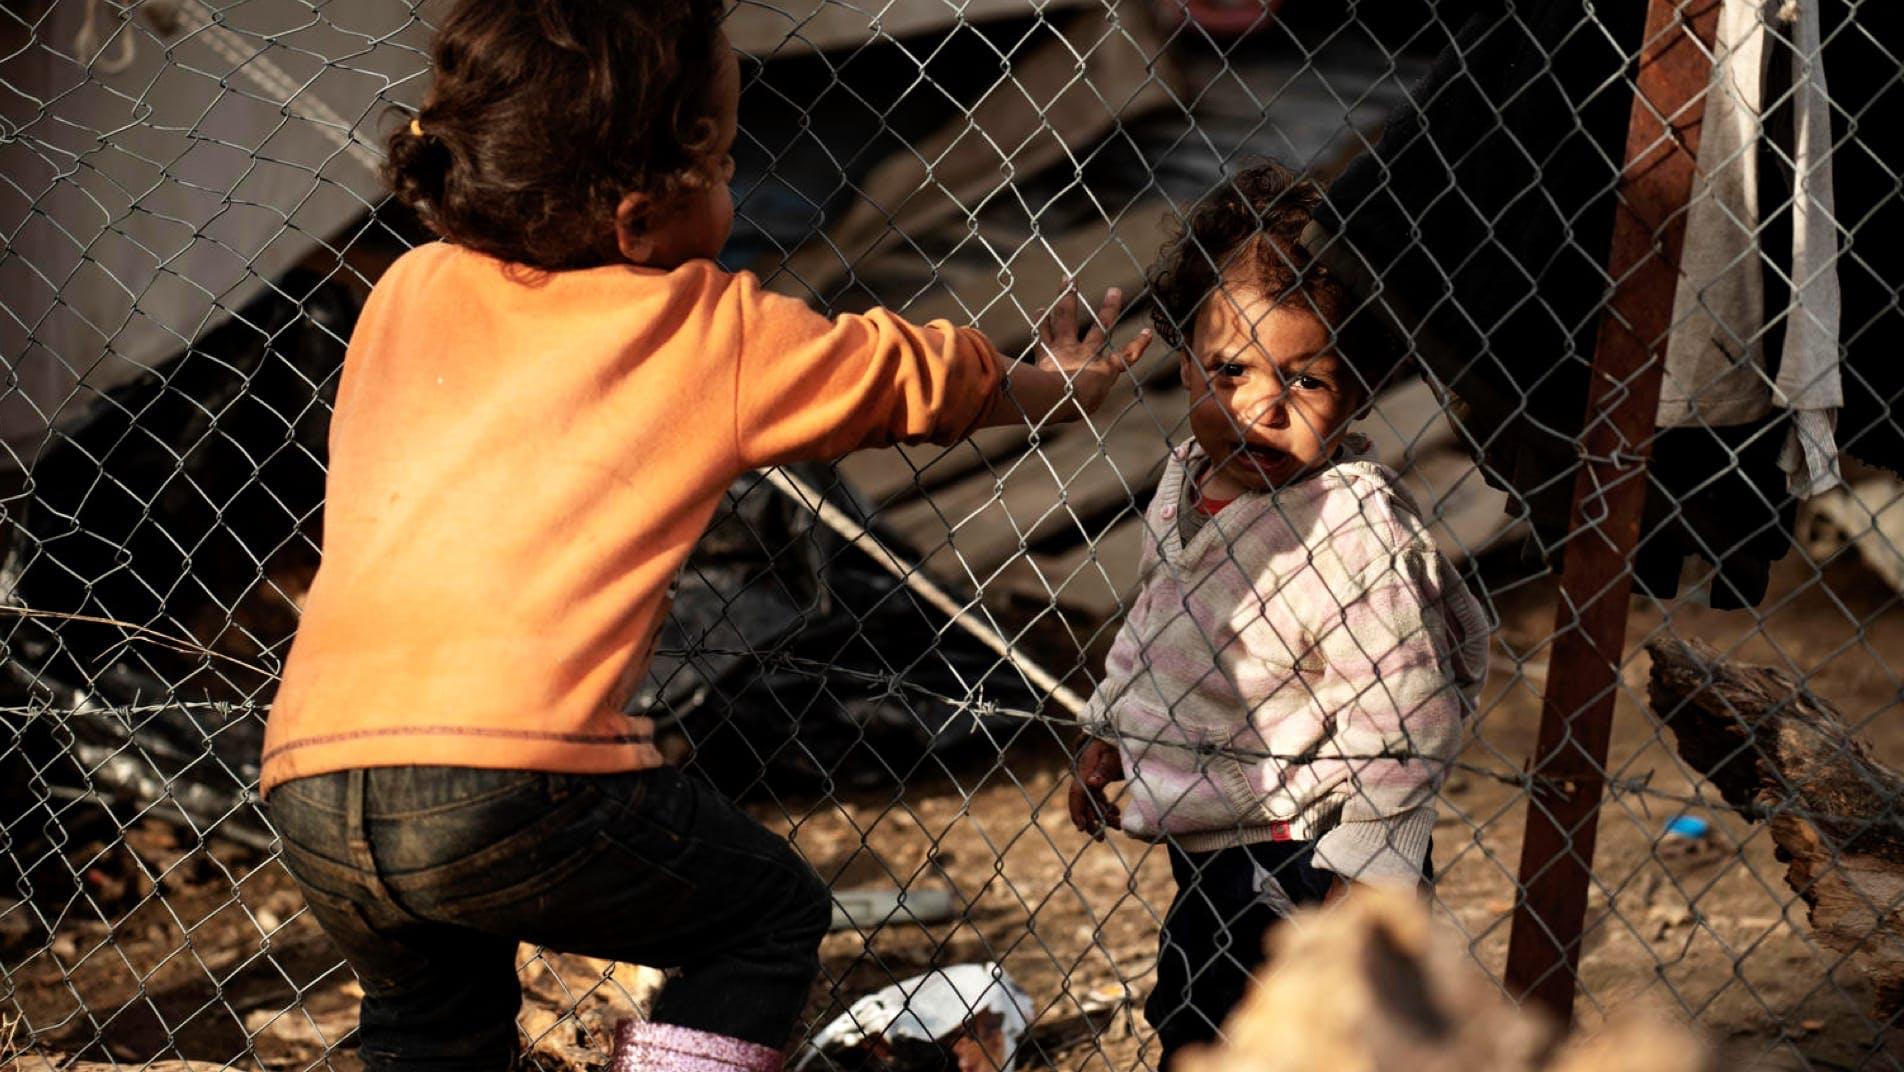 Bambini nel centro migranti di Moria, Lesbo, Grecia.